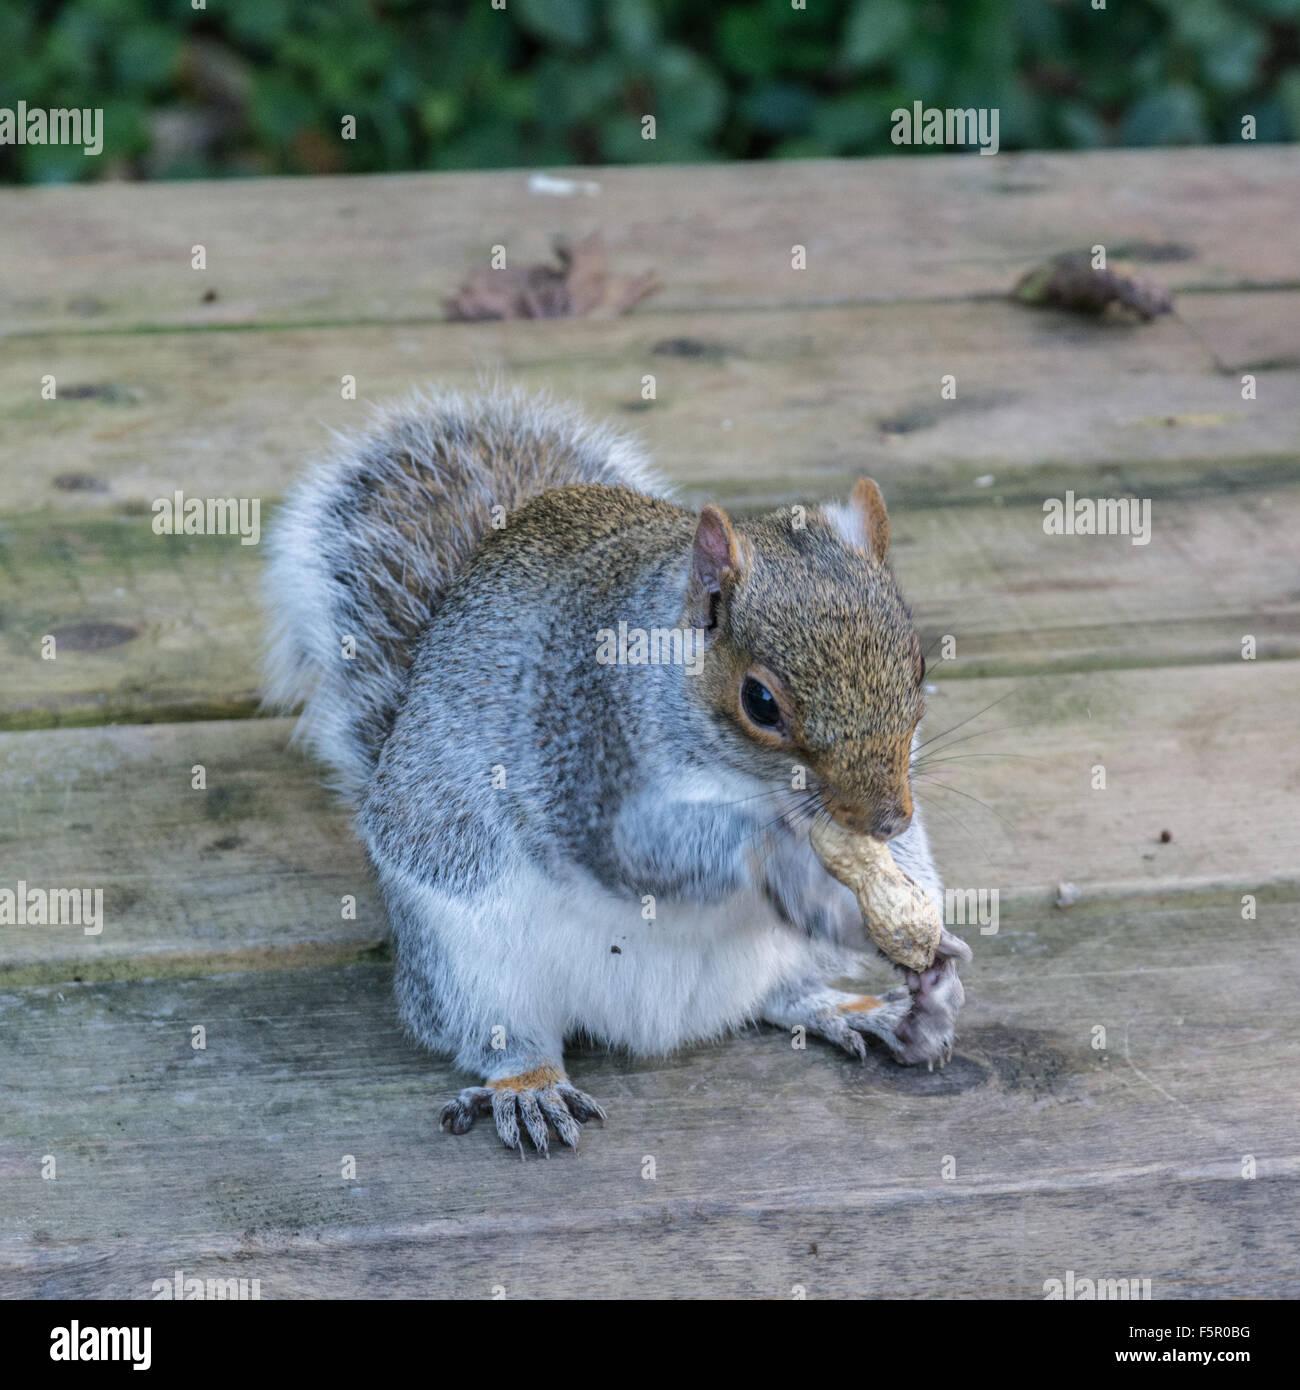 L'Écureuil gris de manger un écrou sur une table du parc Photo Stock